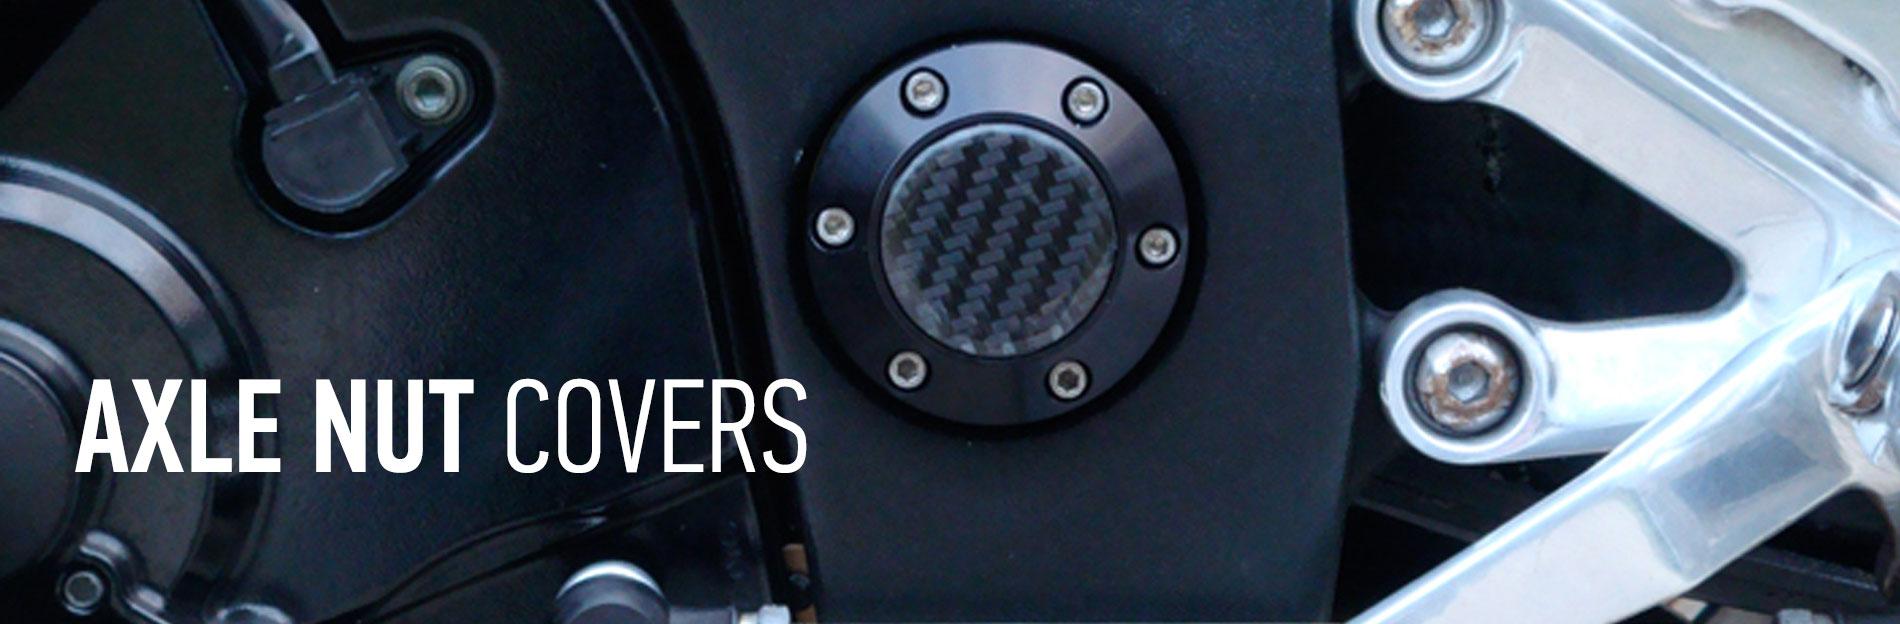 bpd-categories-axle-nut-covers-1.jpg